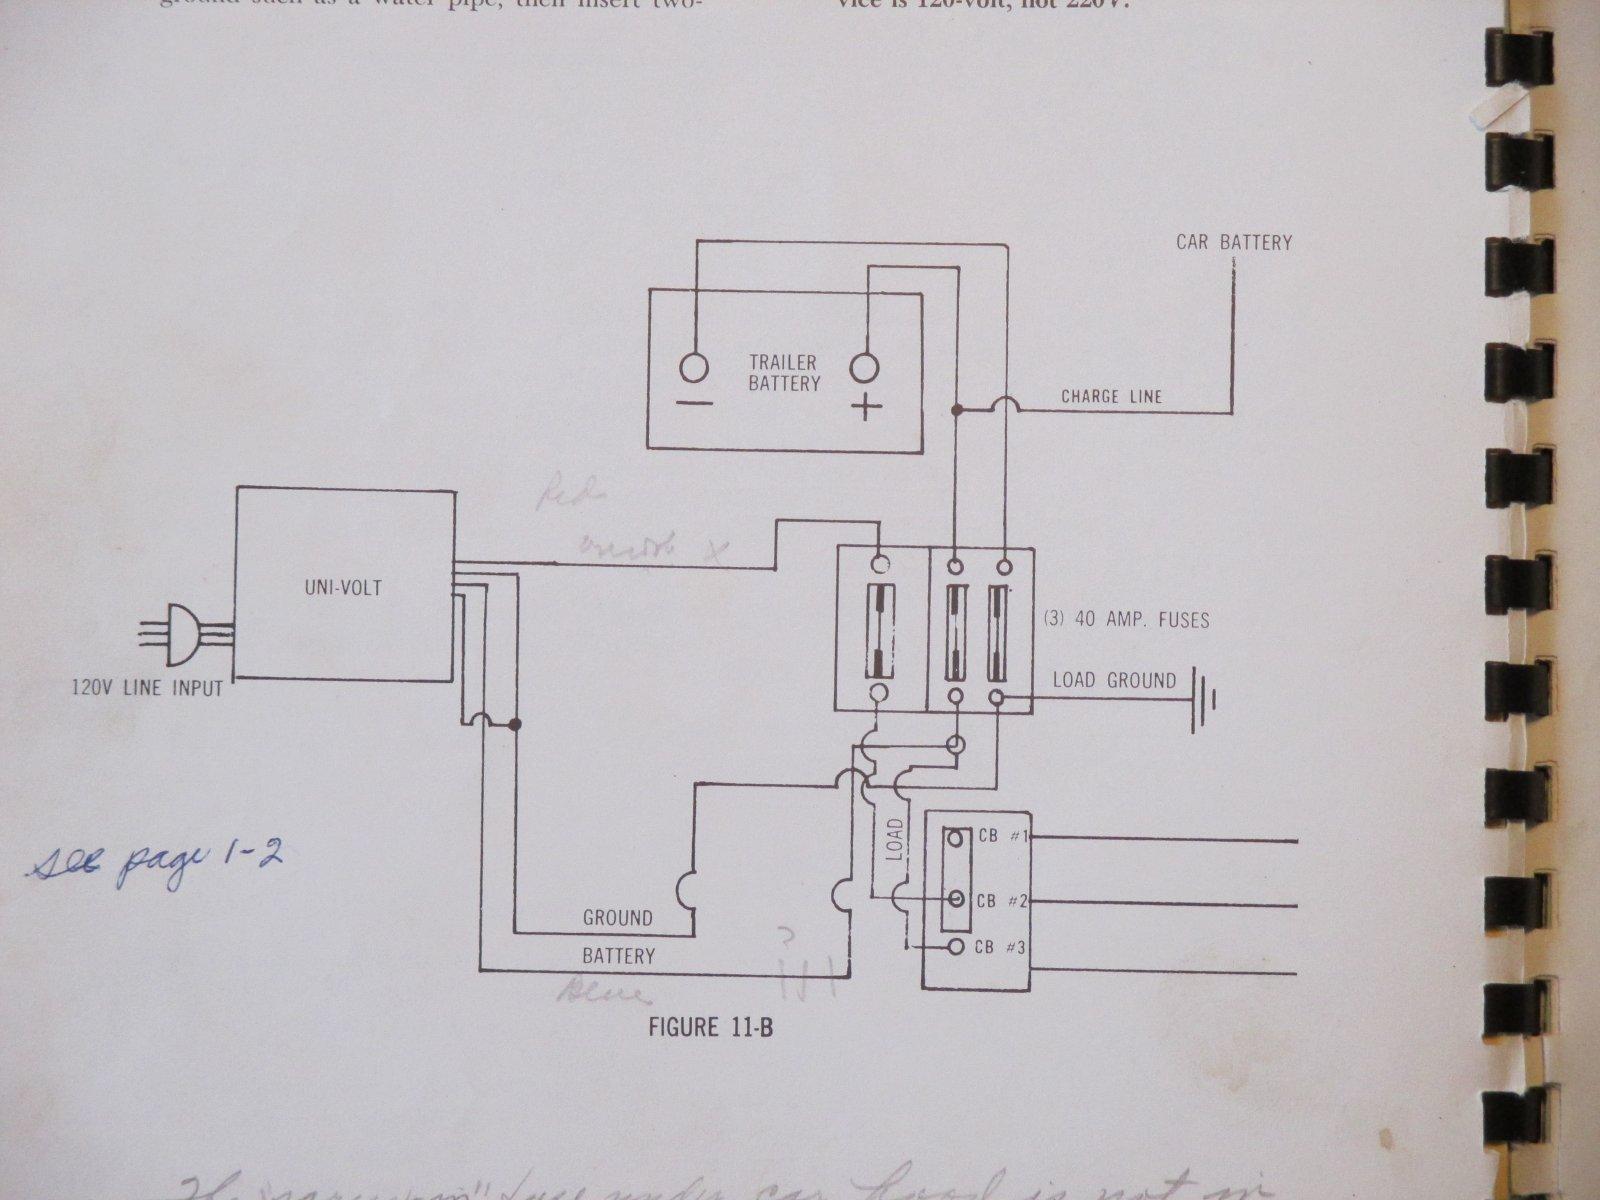 Avion Wiring Schematics 1970 Pontiac Lemans Wiring Diagram Bege Wiring Diagram